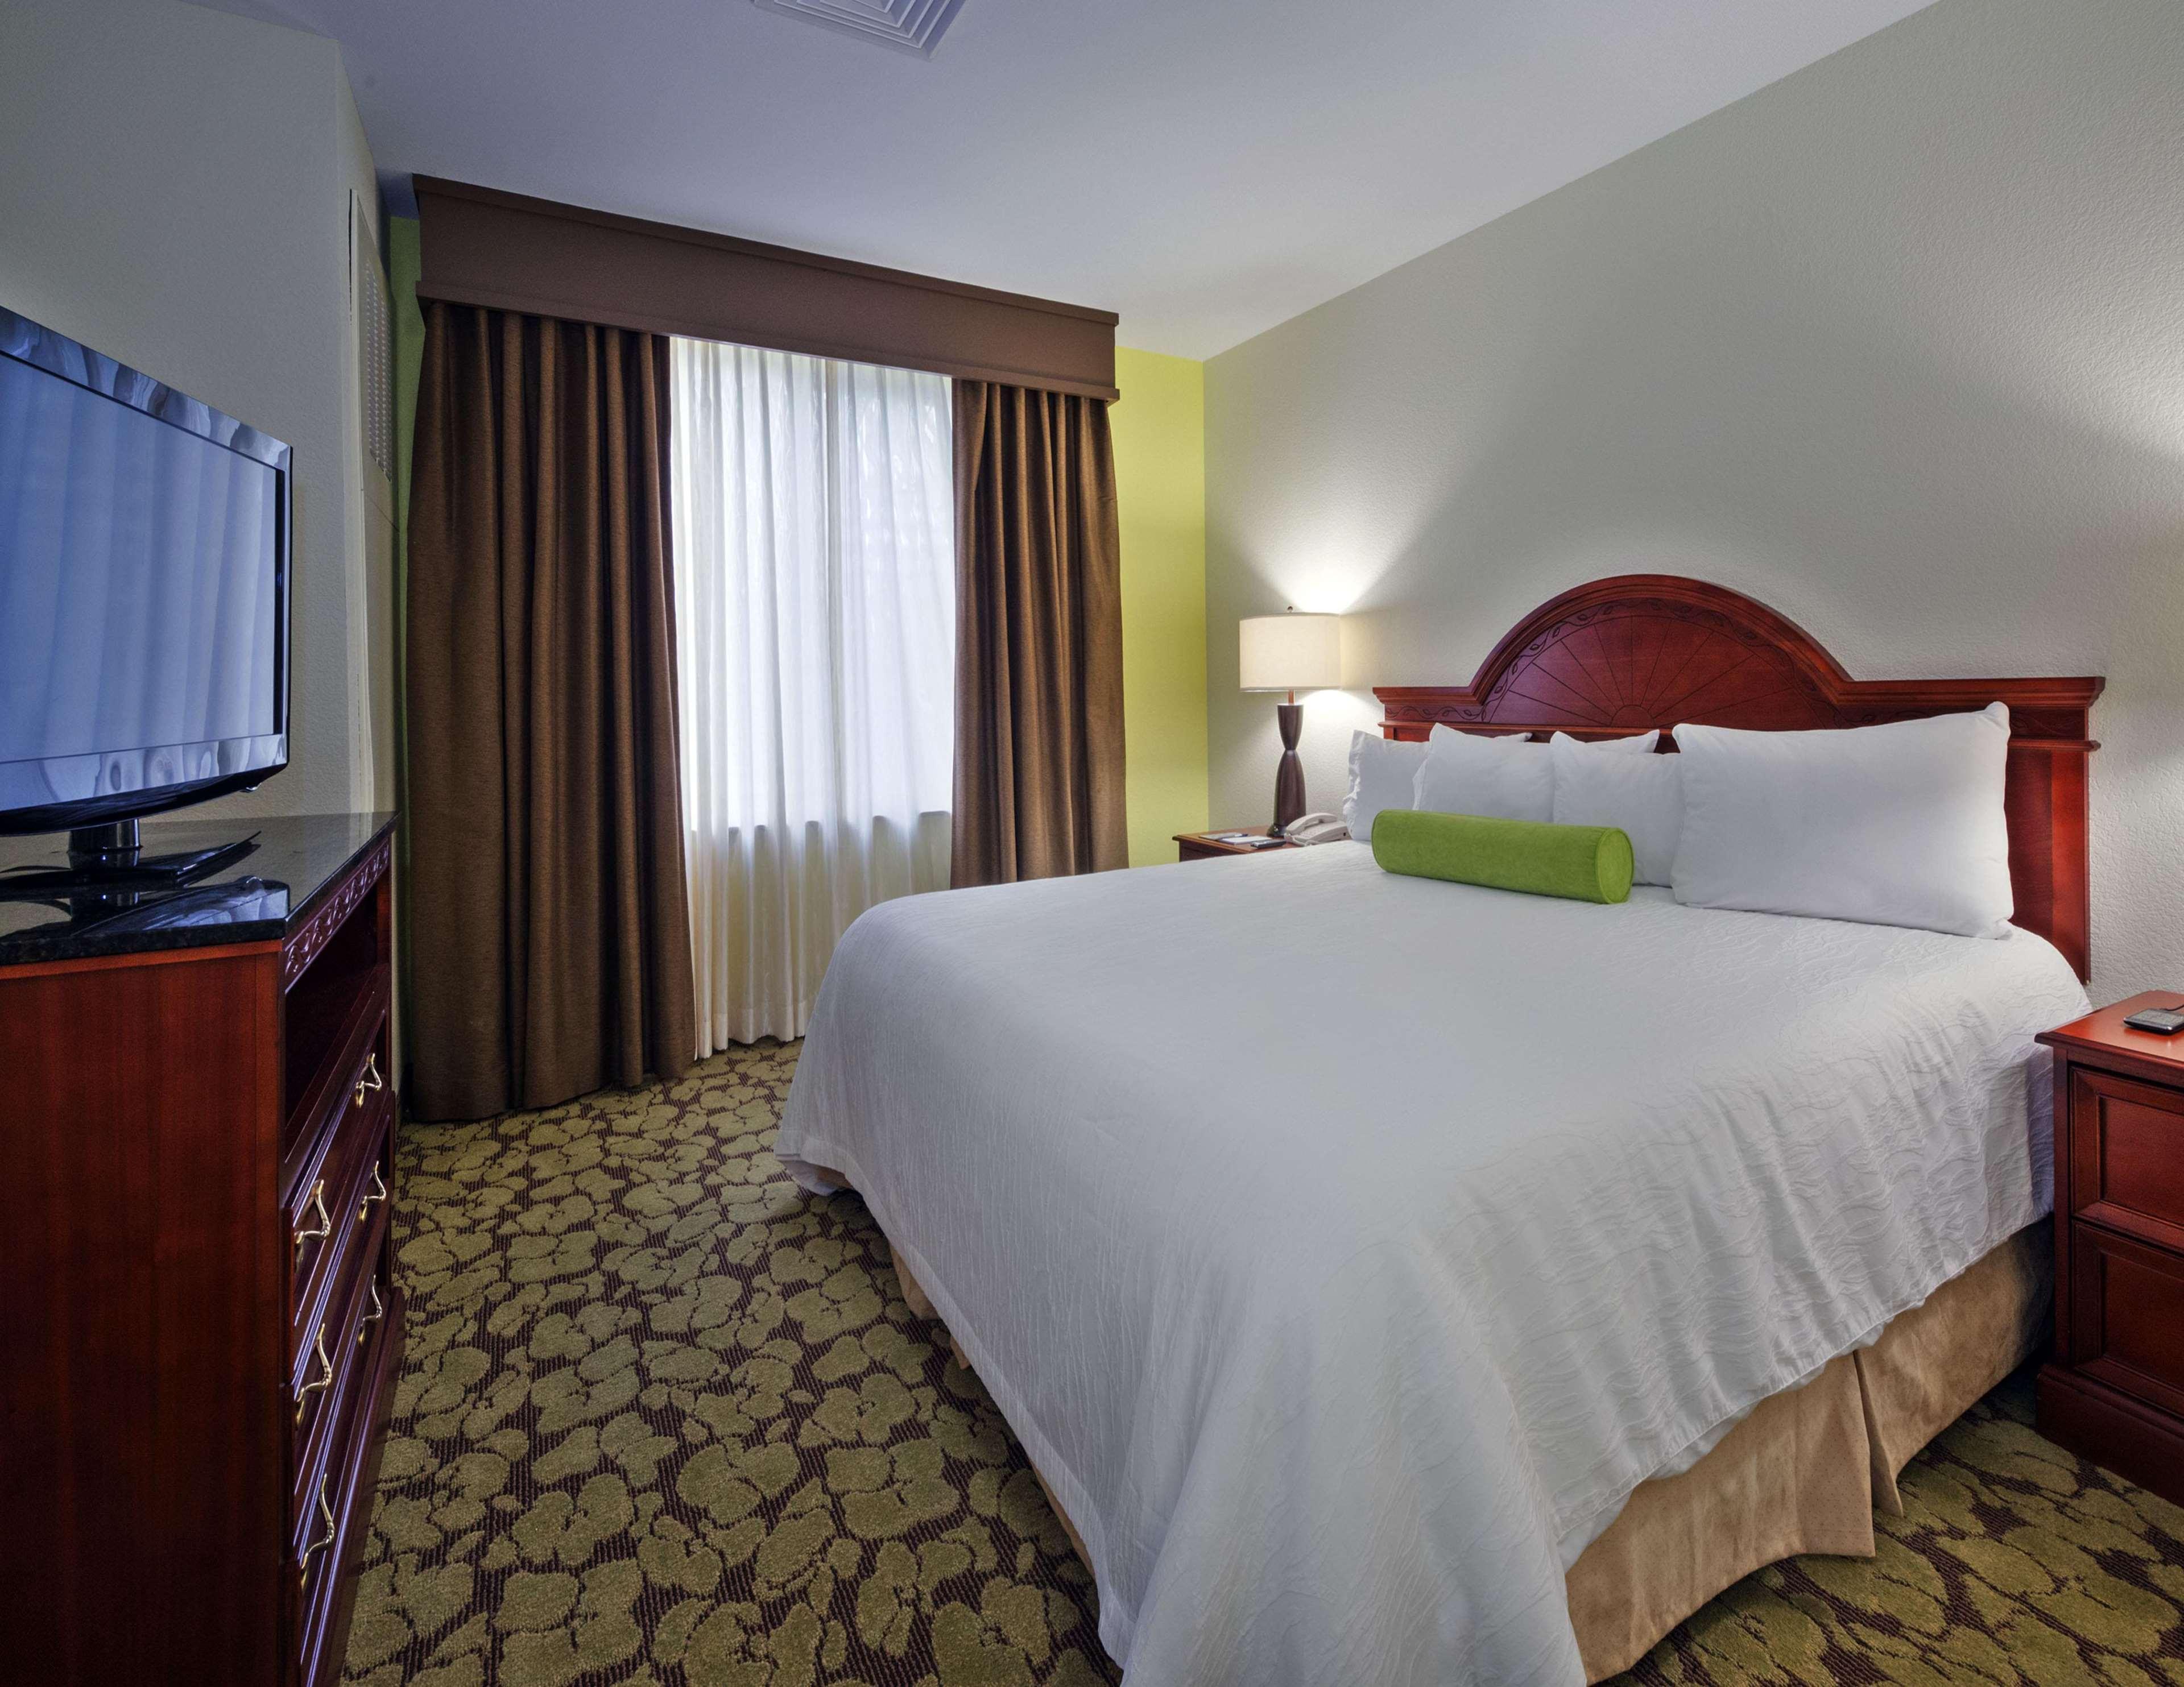 Hilton Garden Inn Lafayette/Cajundome image 22